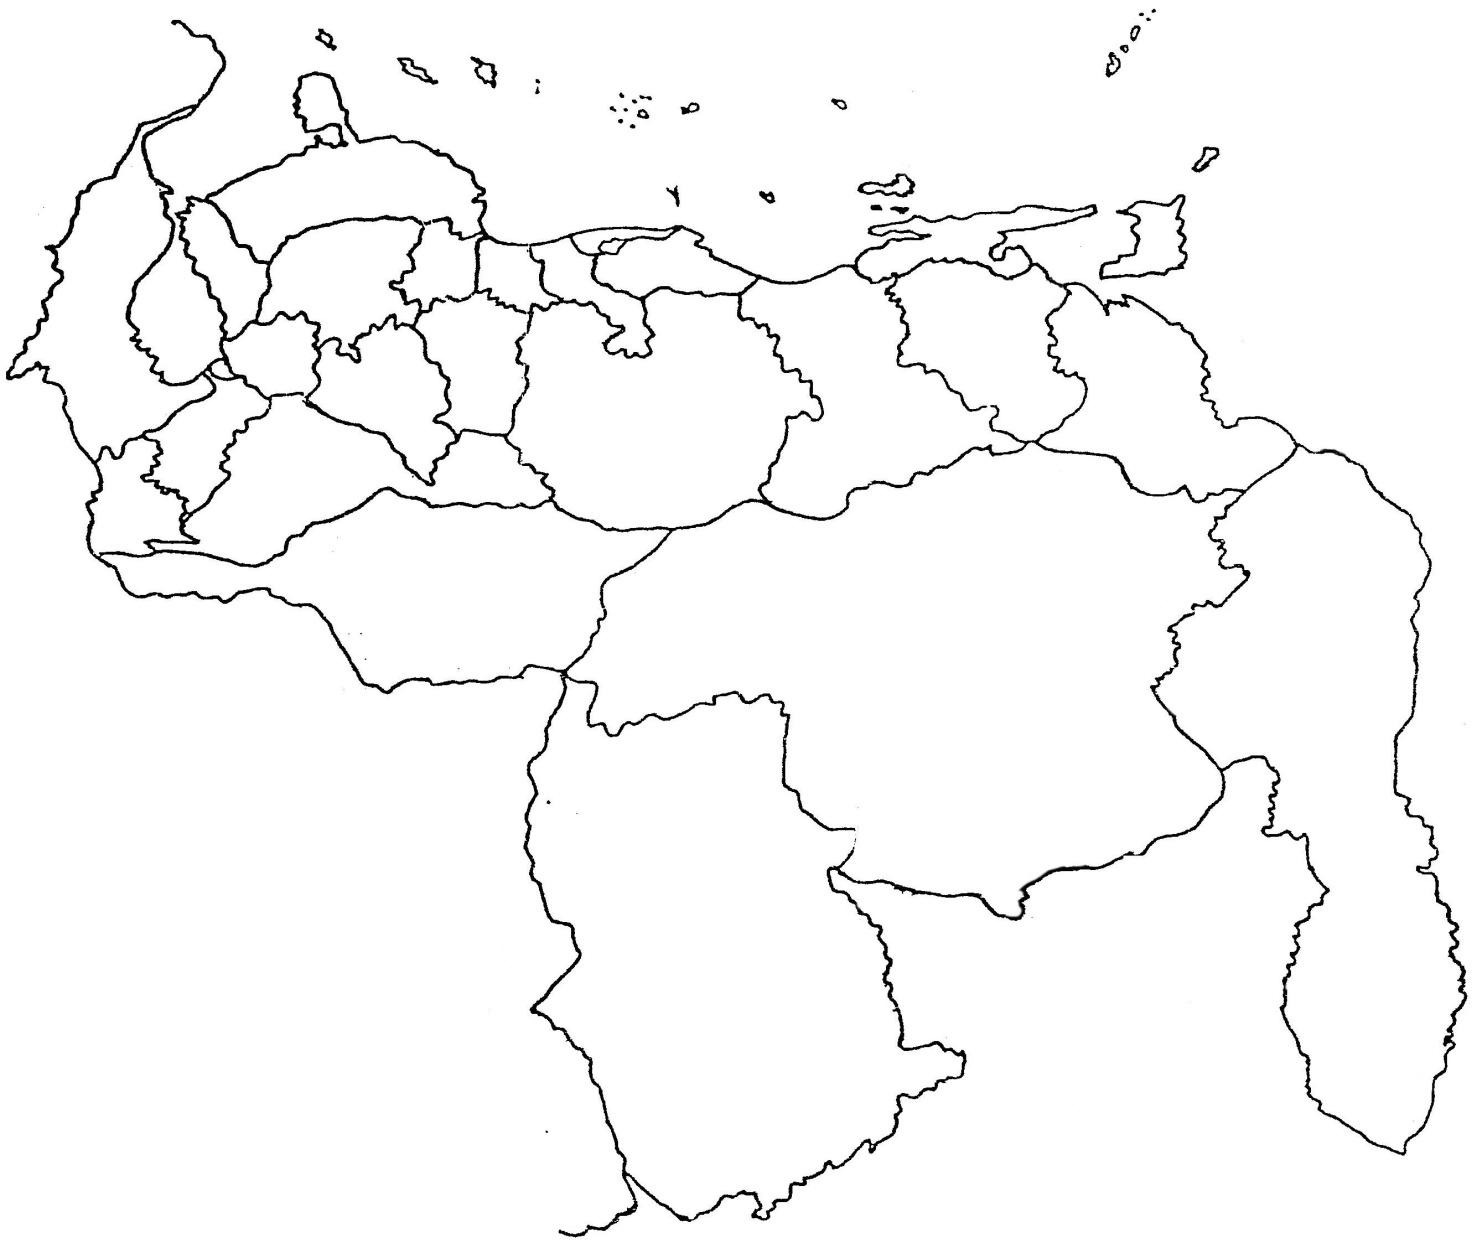 Croquis del mapa de venezuela para colorear - Imagui